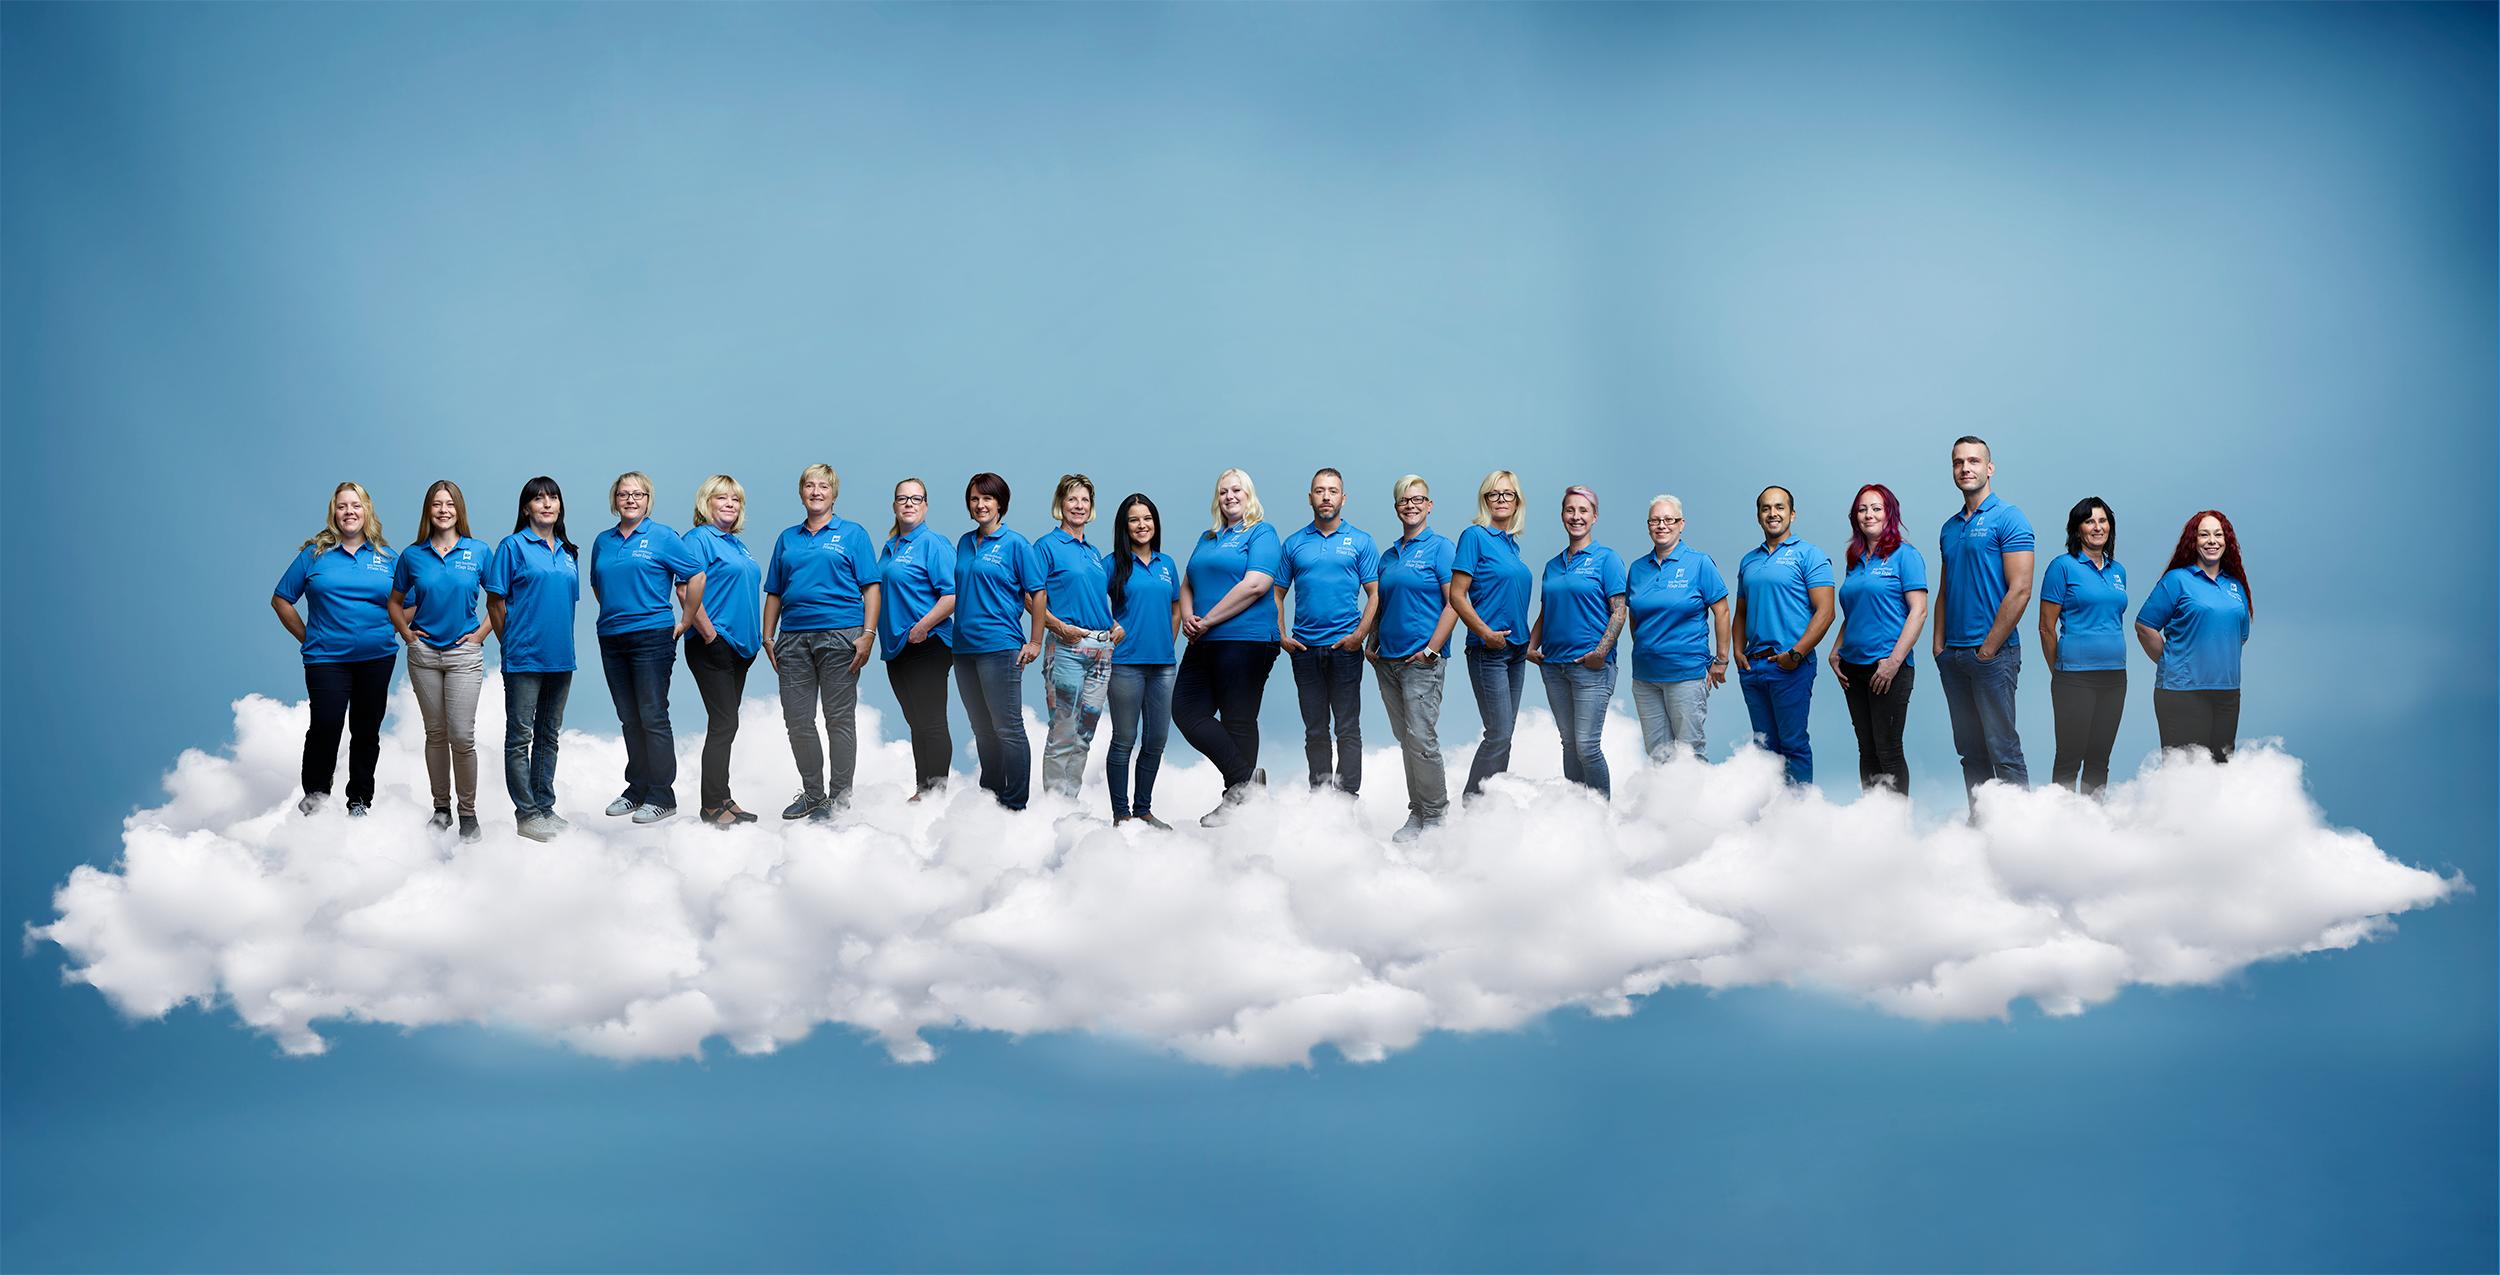 Großartig – alle unsere Engel auf einer Wolke